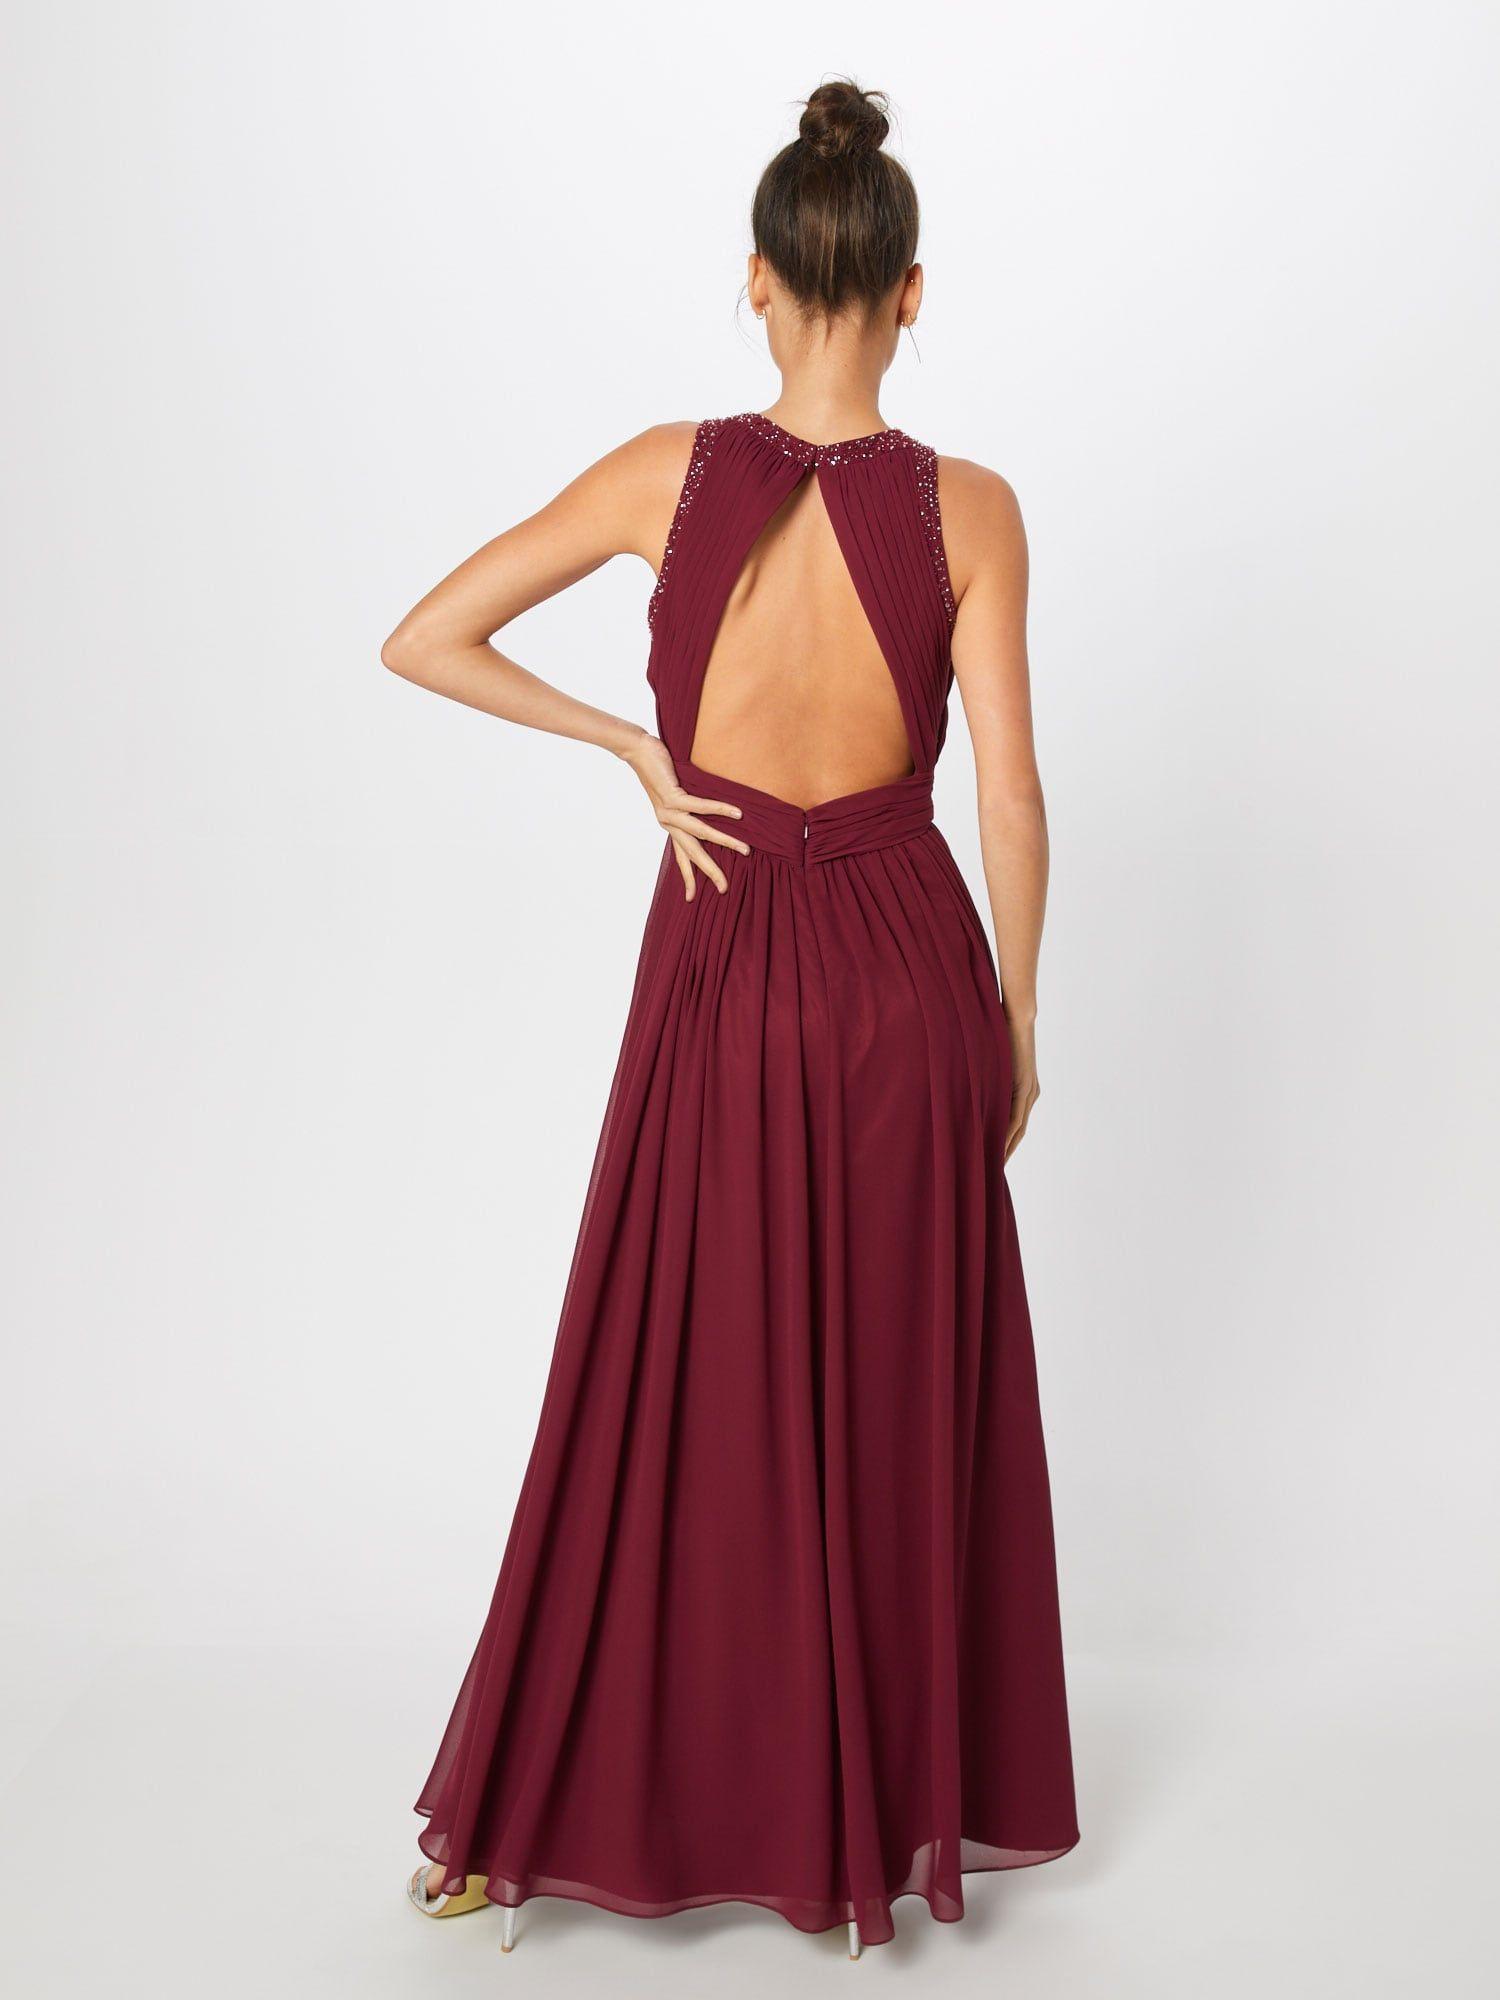 SWING Abendkleid Damen, Beere, Größe 12  Abendkleid, Kleider